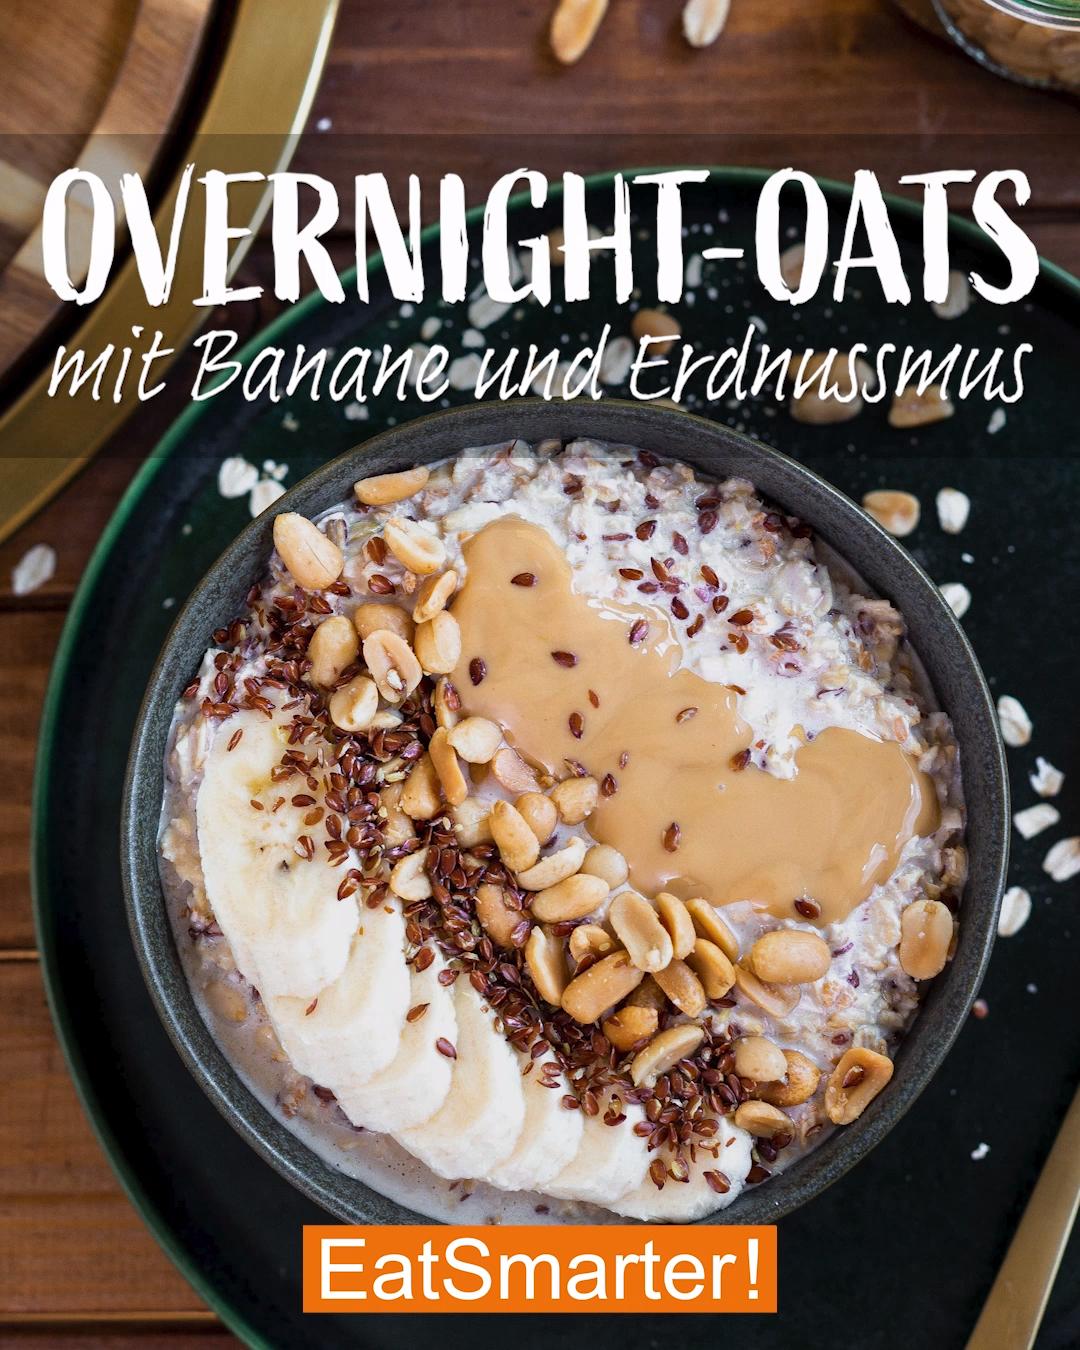 Overnight-Oats mit Banane und Erdnussmus   Eat Smarter